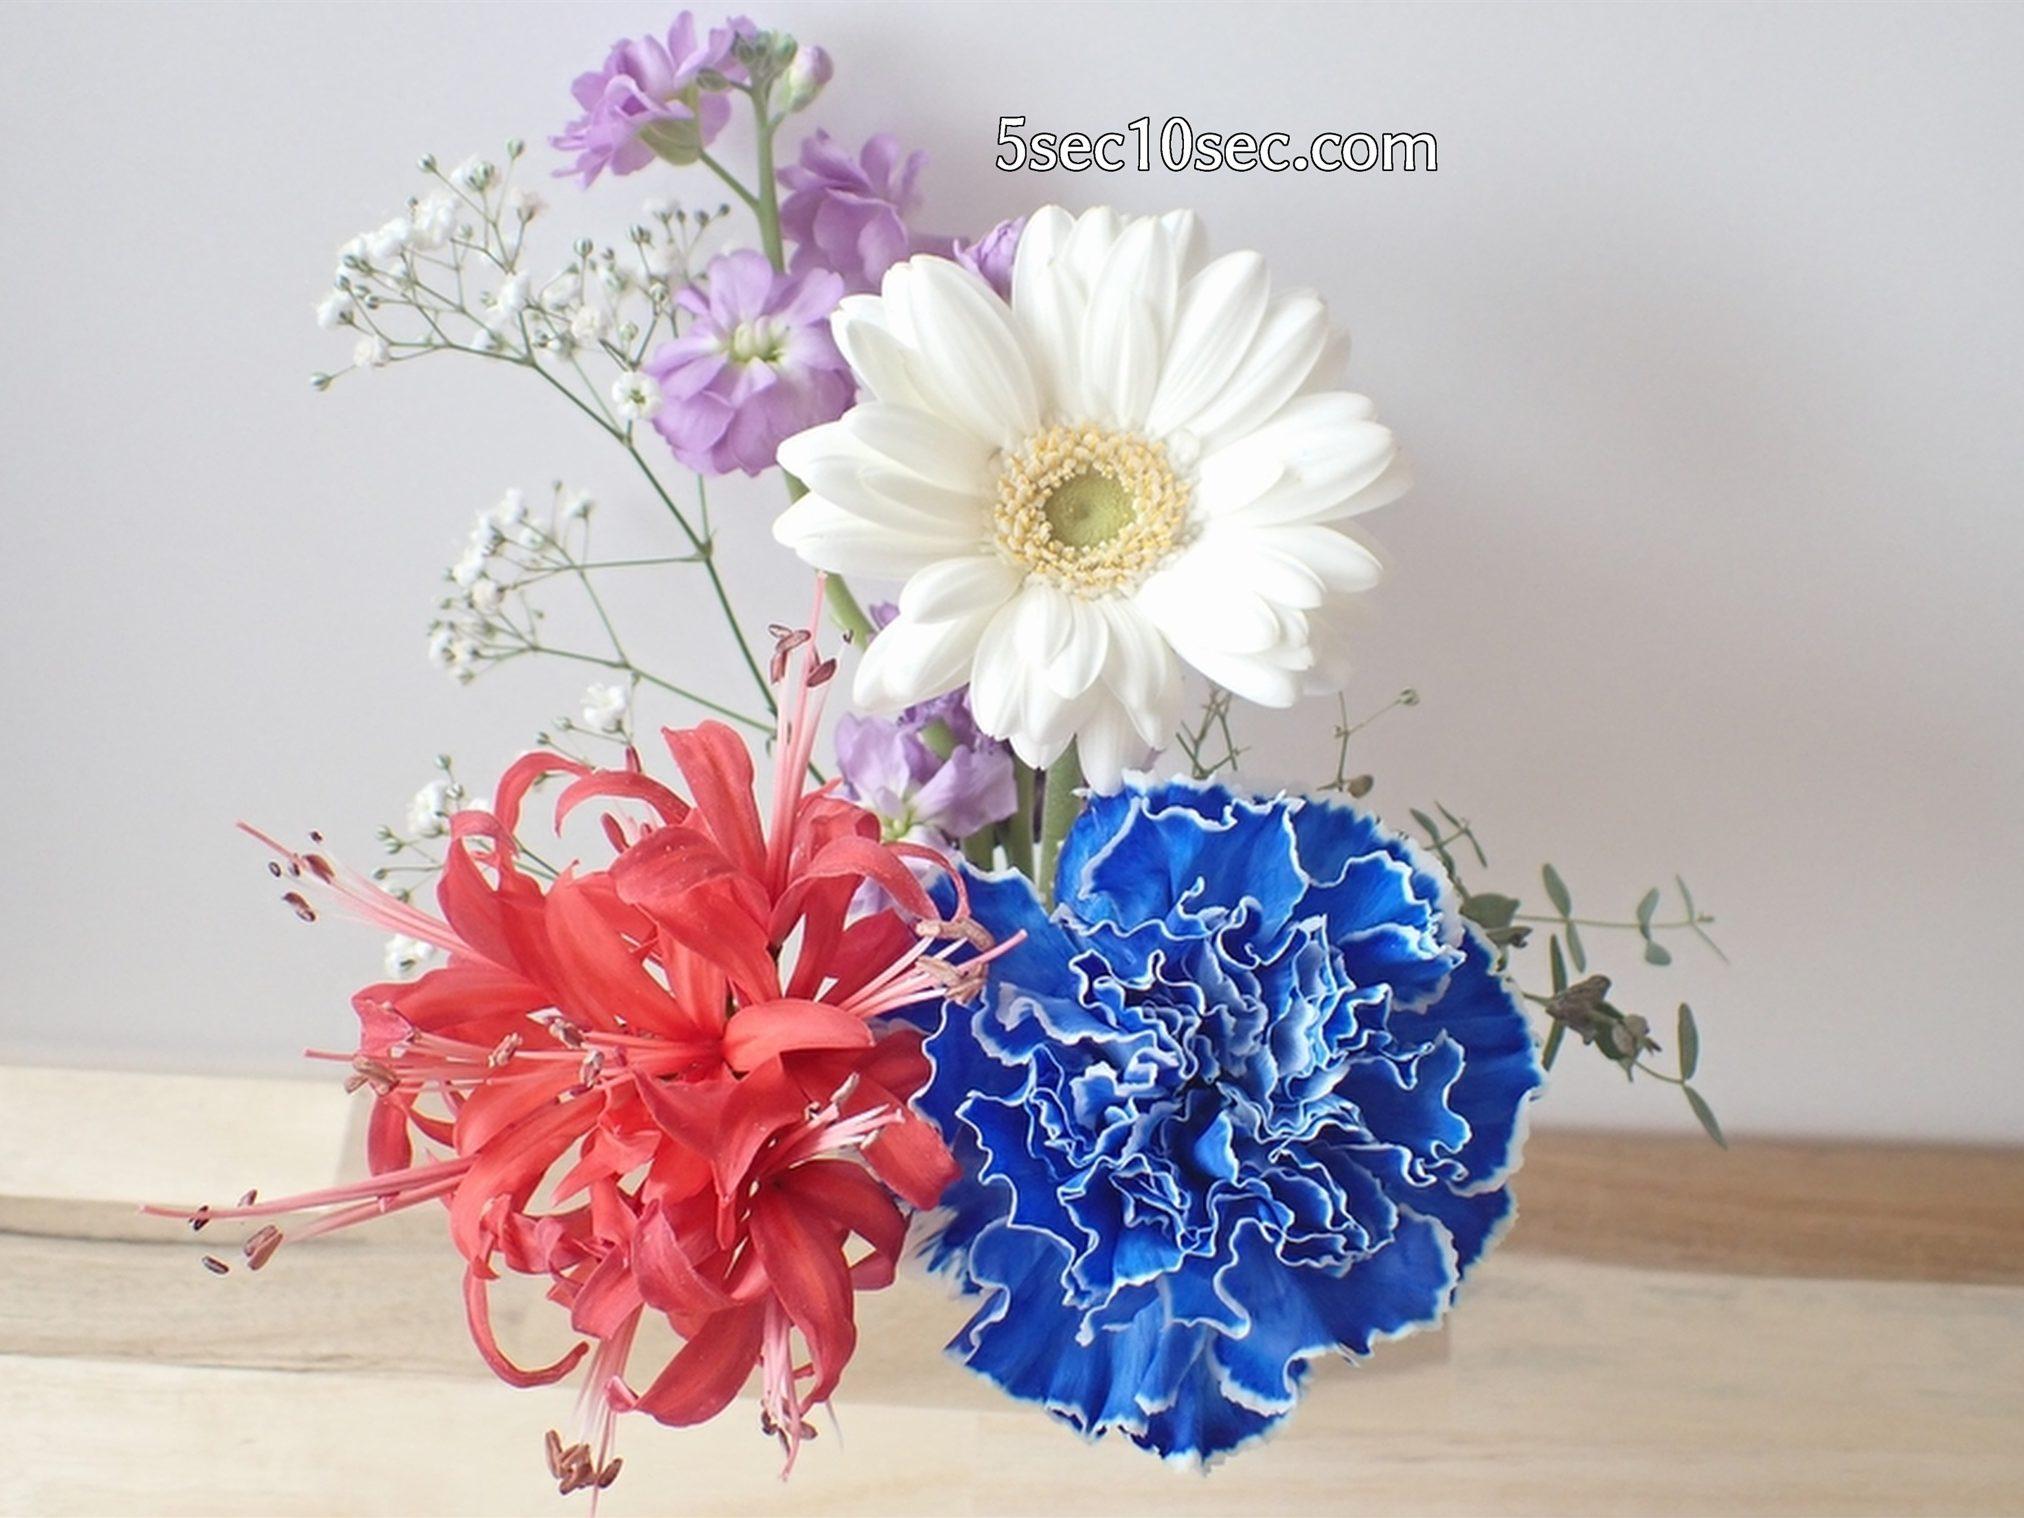 株式会社Crunch Style お花の定期便 Bloomee LIFE ブルーミーライフ 3回目の届いたお花の6日目の写真、まだまだ綺麗です